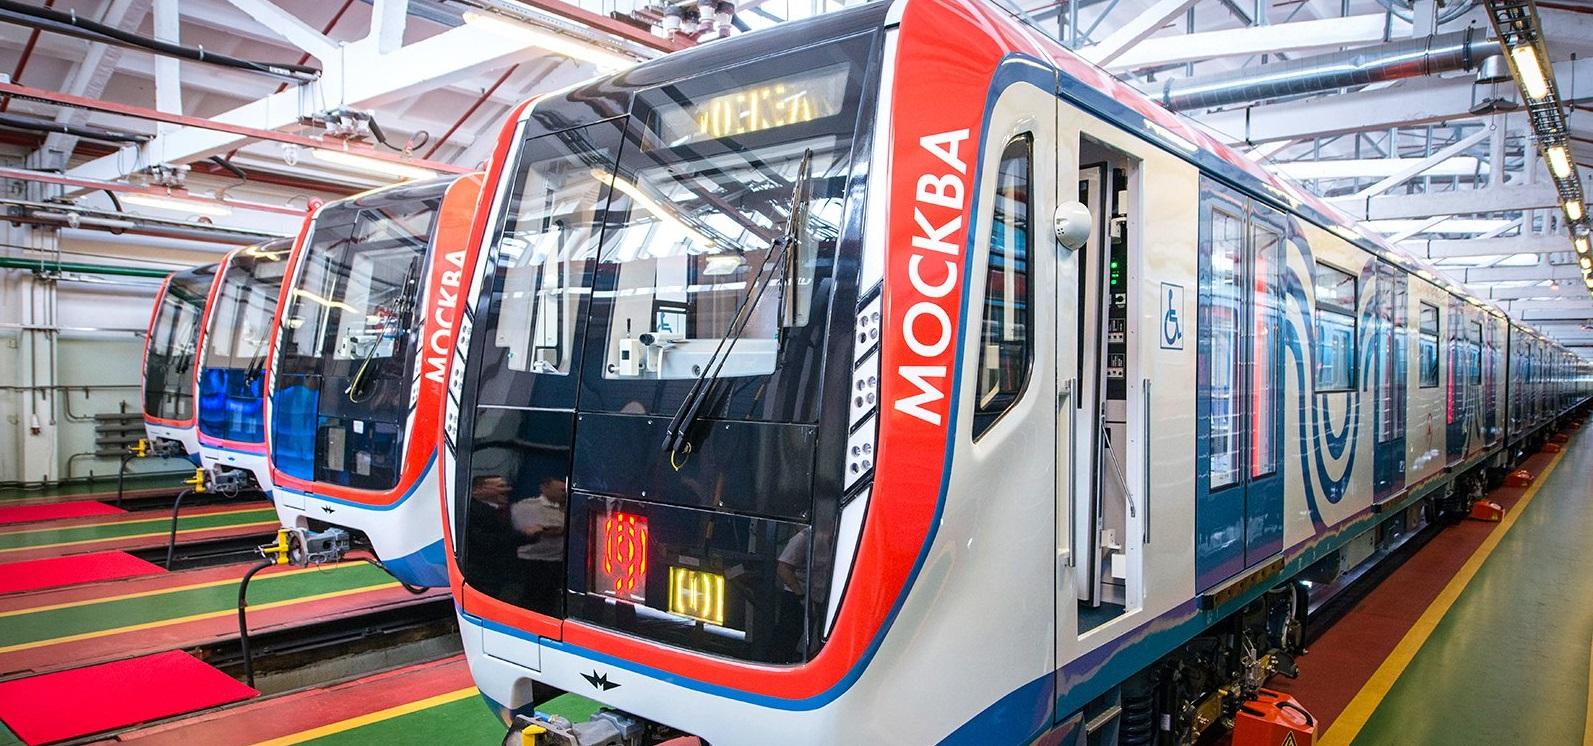 Поезд «Москва» начал курсировать на Калужско-Рижской линии московского метро